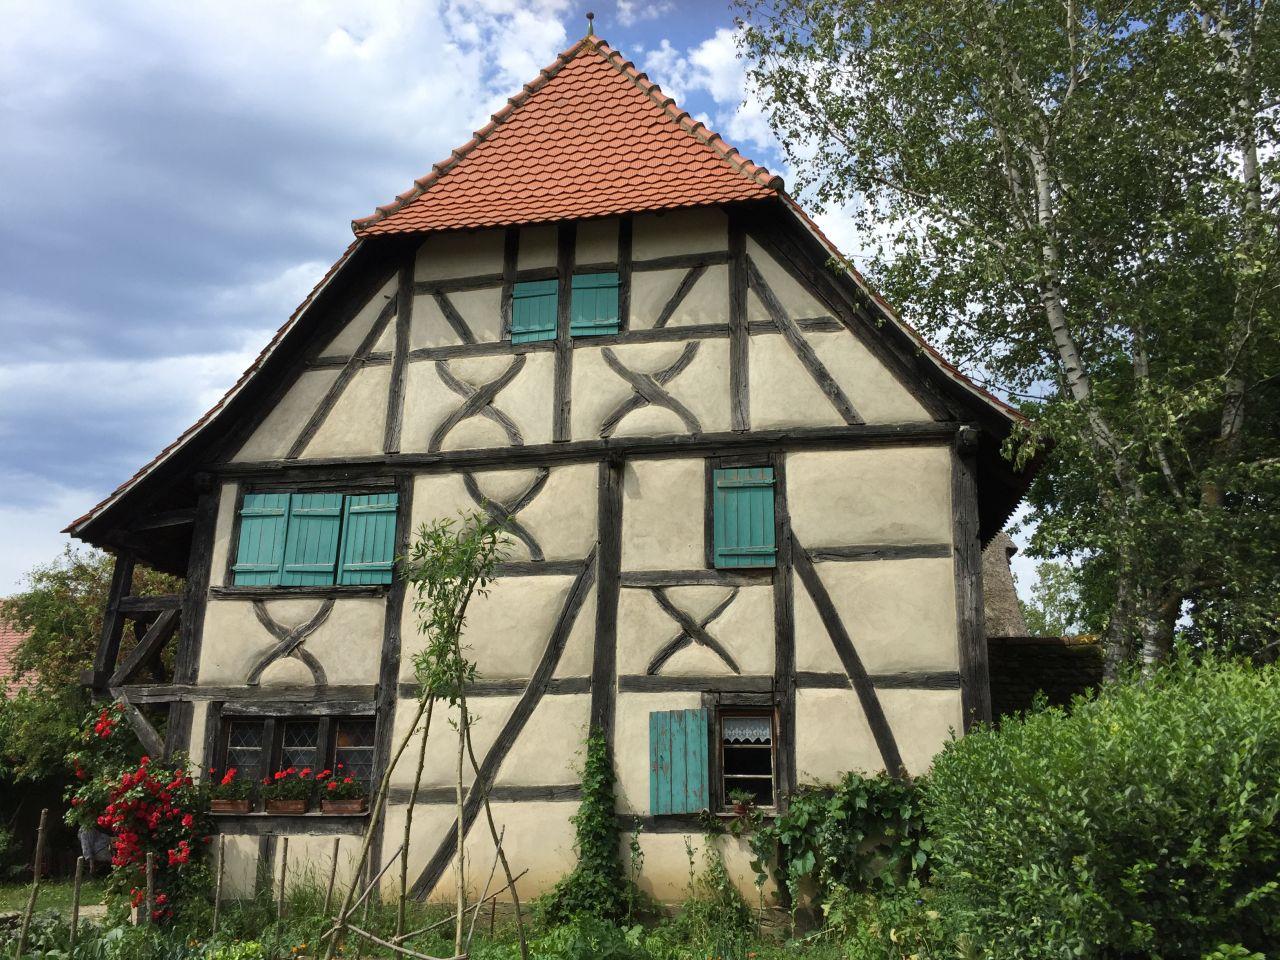 das dreistoeckige Fachwerkhaus von Gommersdorf im Écomusée d'Alsace.